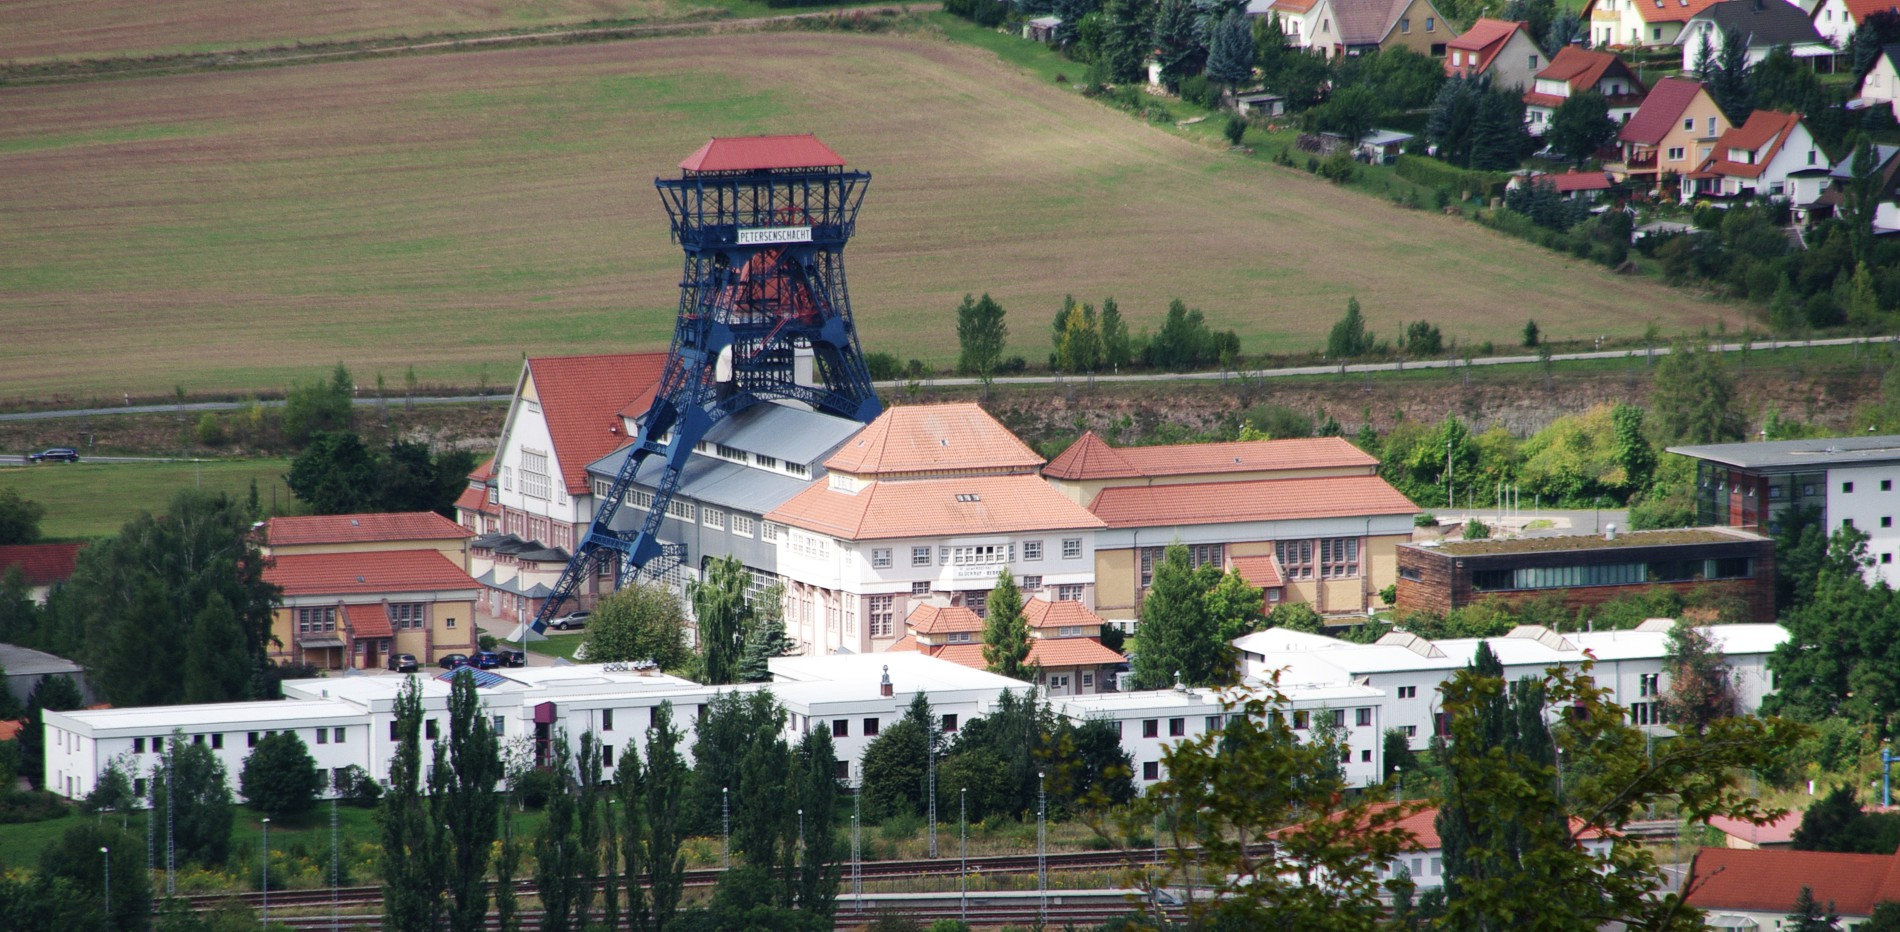 Glückauf Sondershausen